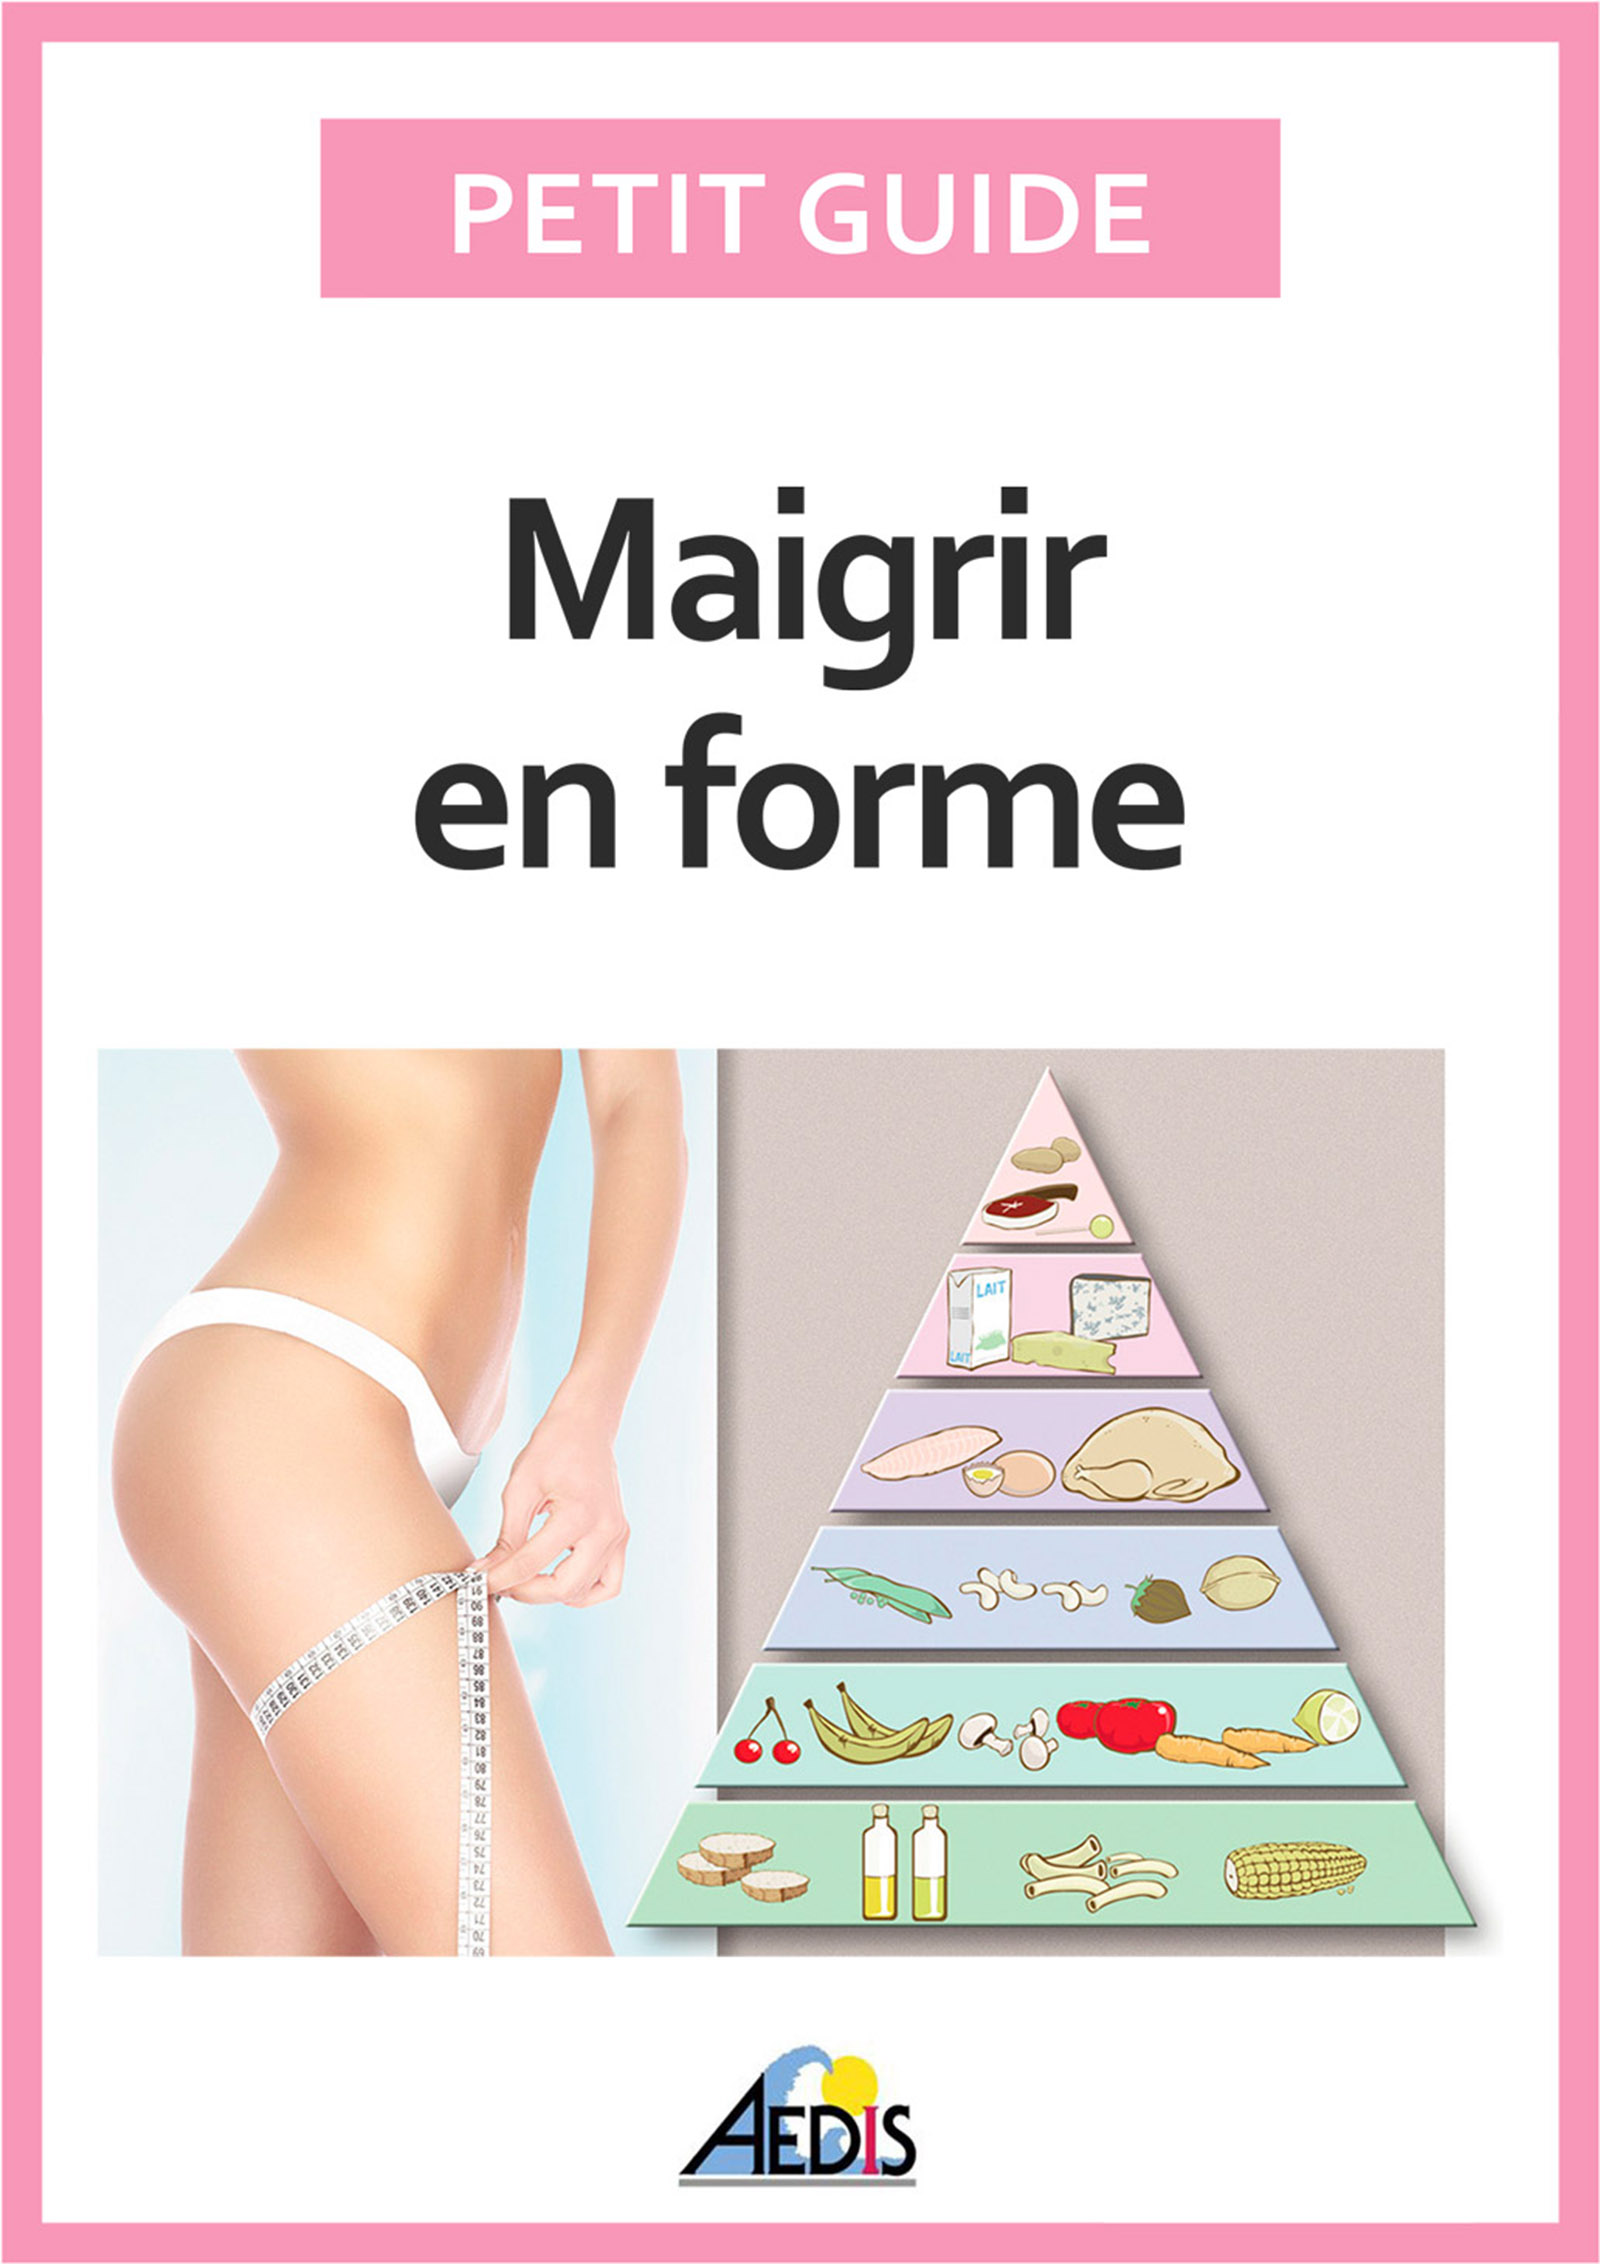 Maigrir en forme, Surveiller son alimentation pour perdre du poids